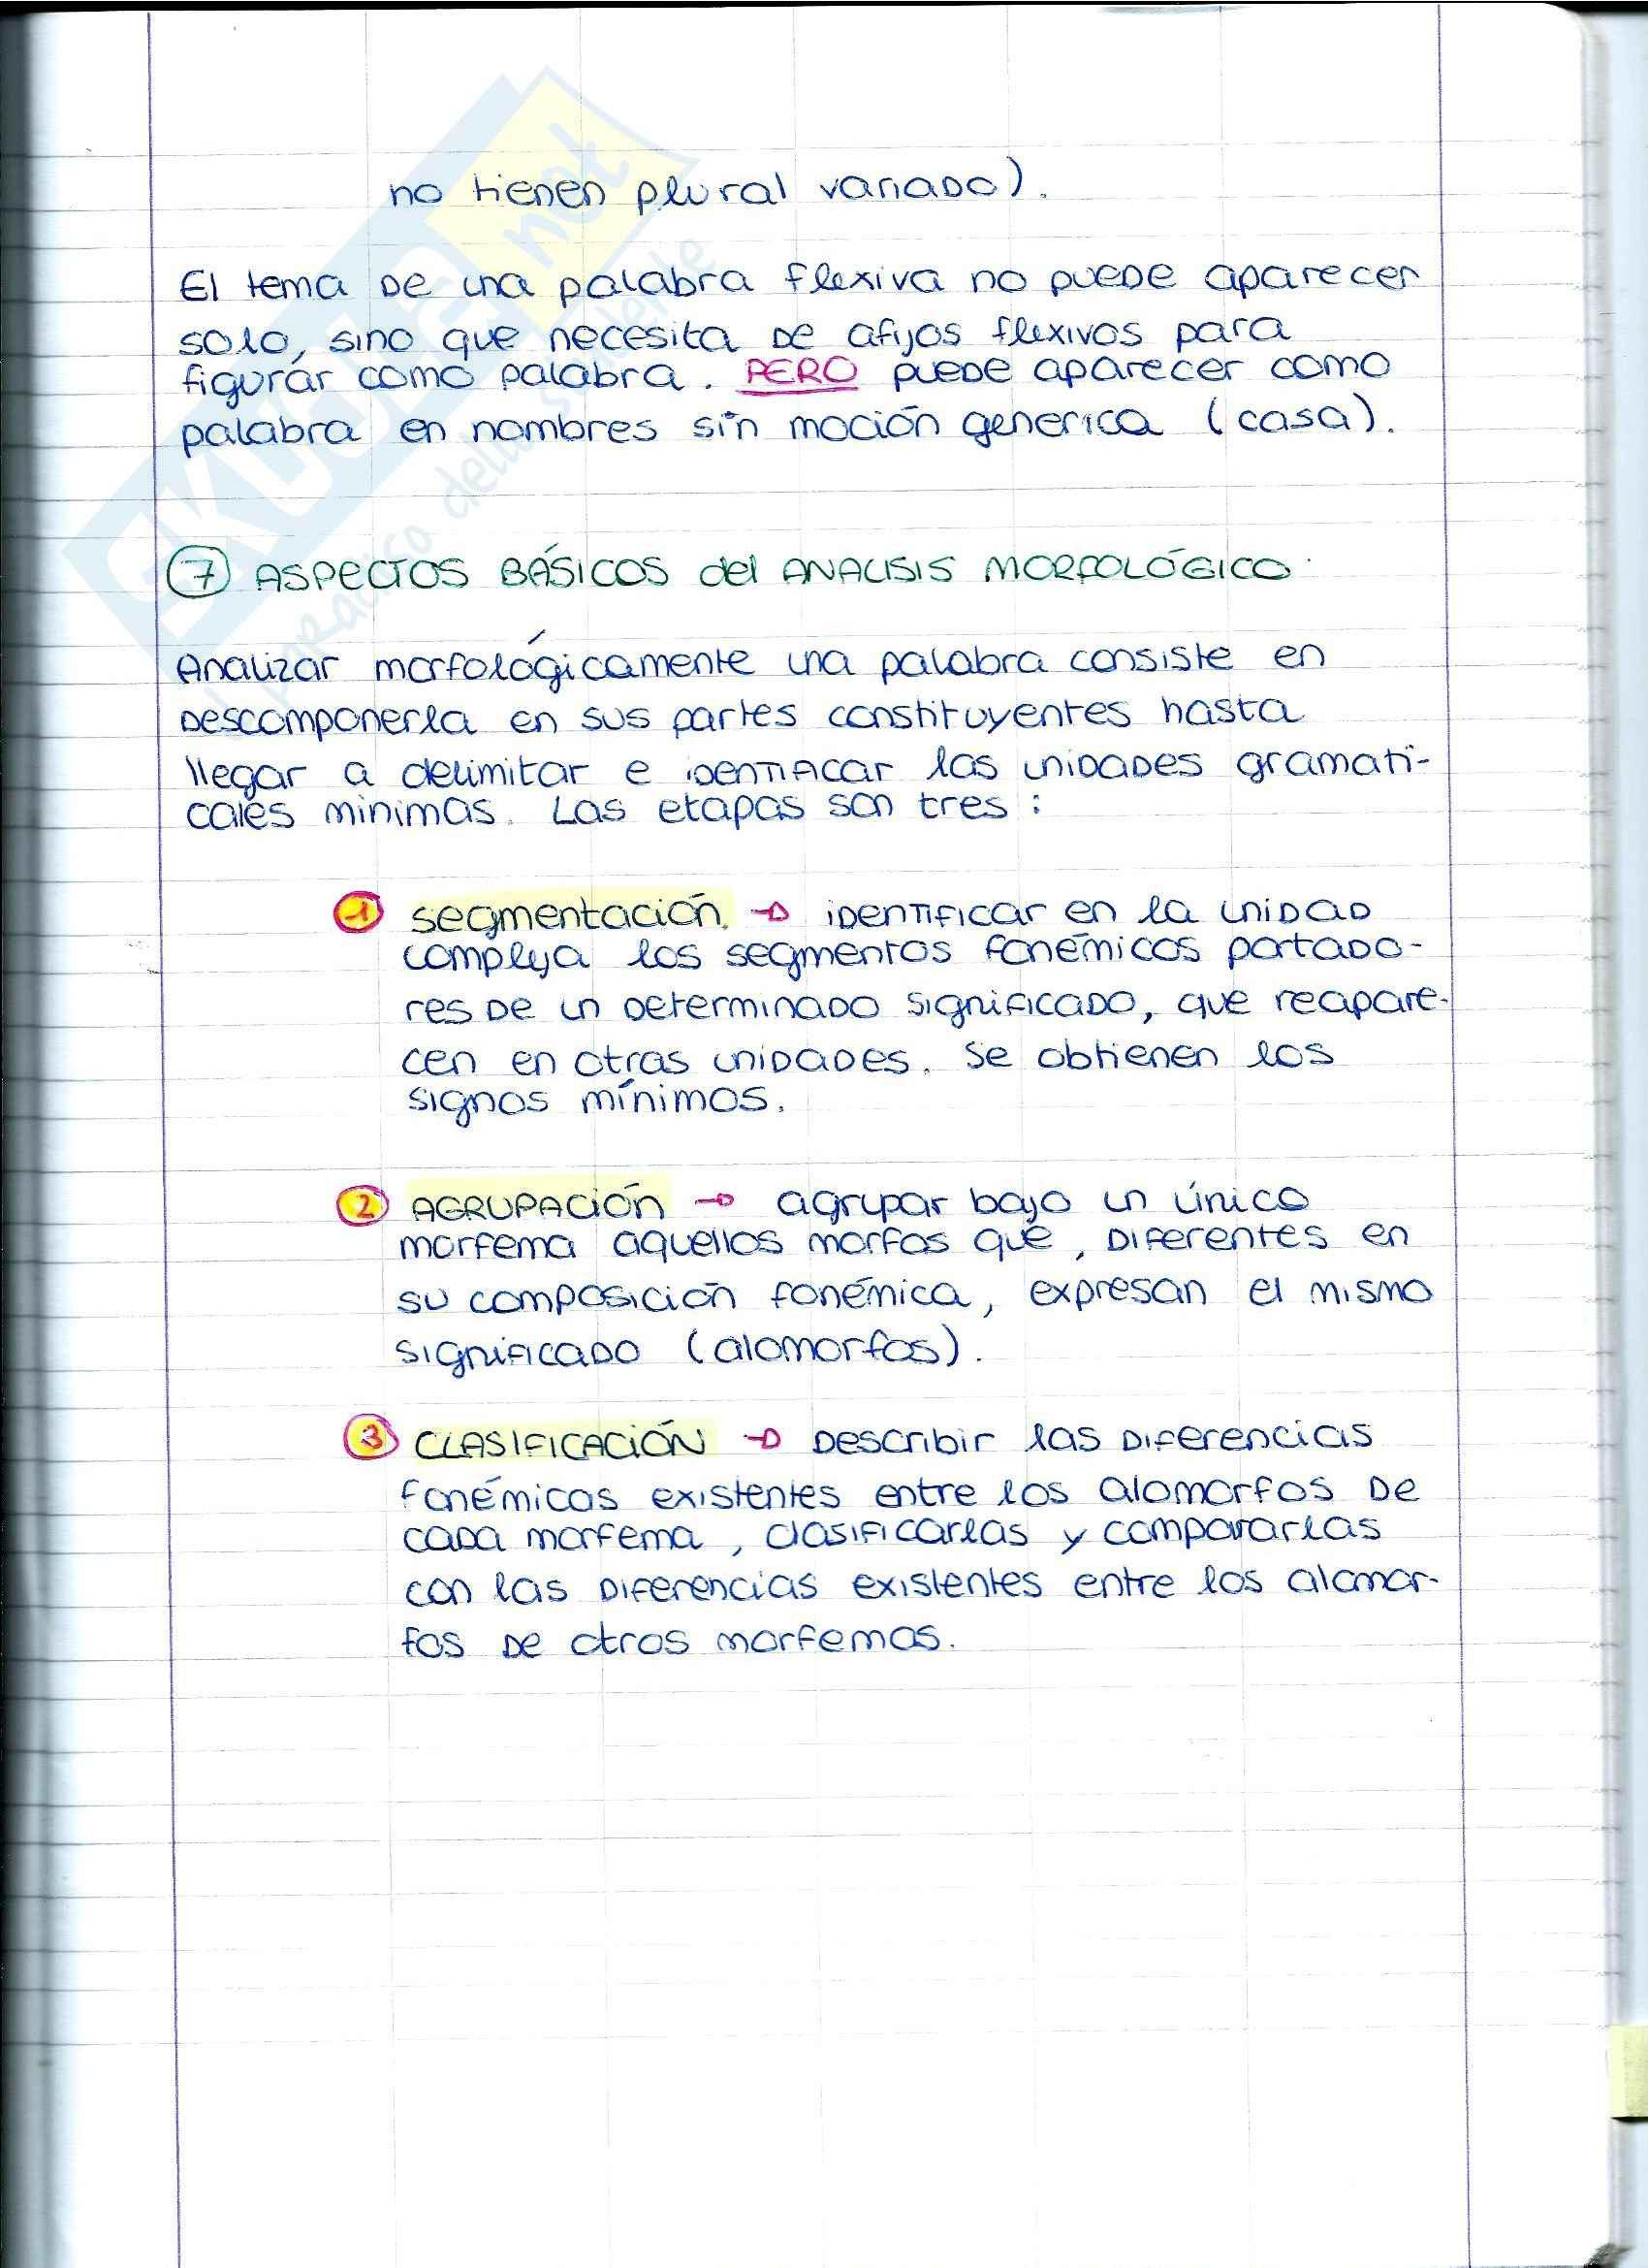 Spagnolo - Partes de la morfologia Pag. 6